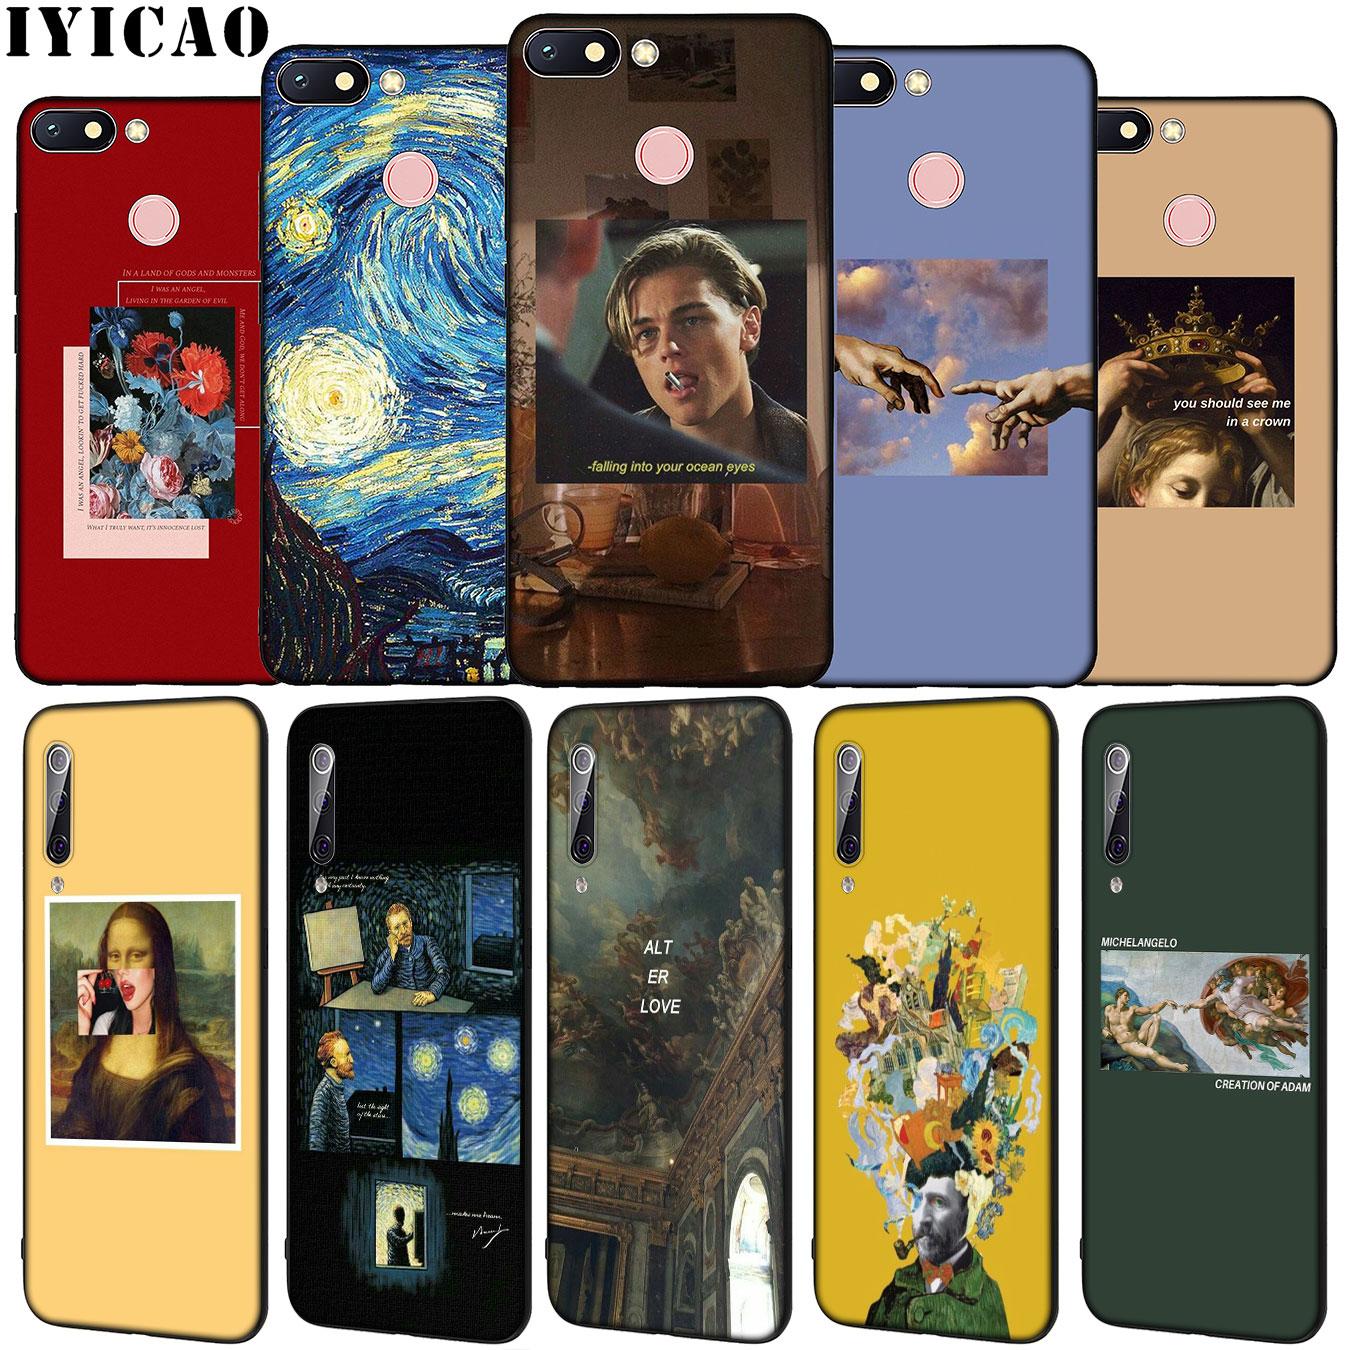 Arte estética van gogh mona lisa silicone macio caso de telefone para xiaomi redmi 8a 7a 6a 5a k20 s2 4a 4x nota 8 7 6 pro 5 mais capa